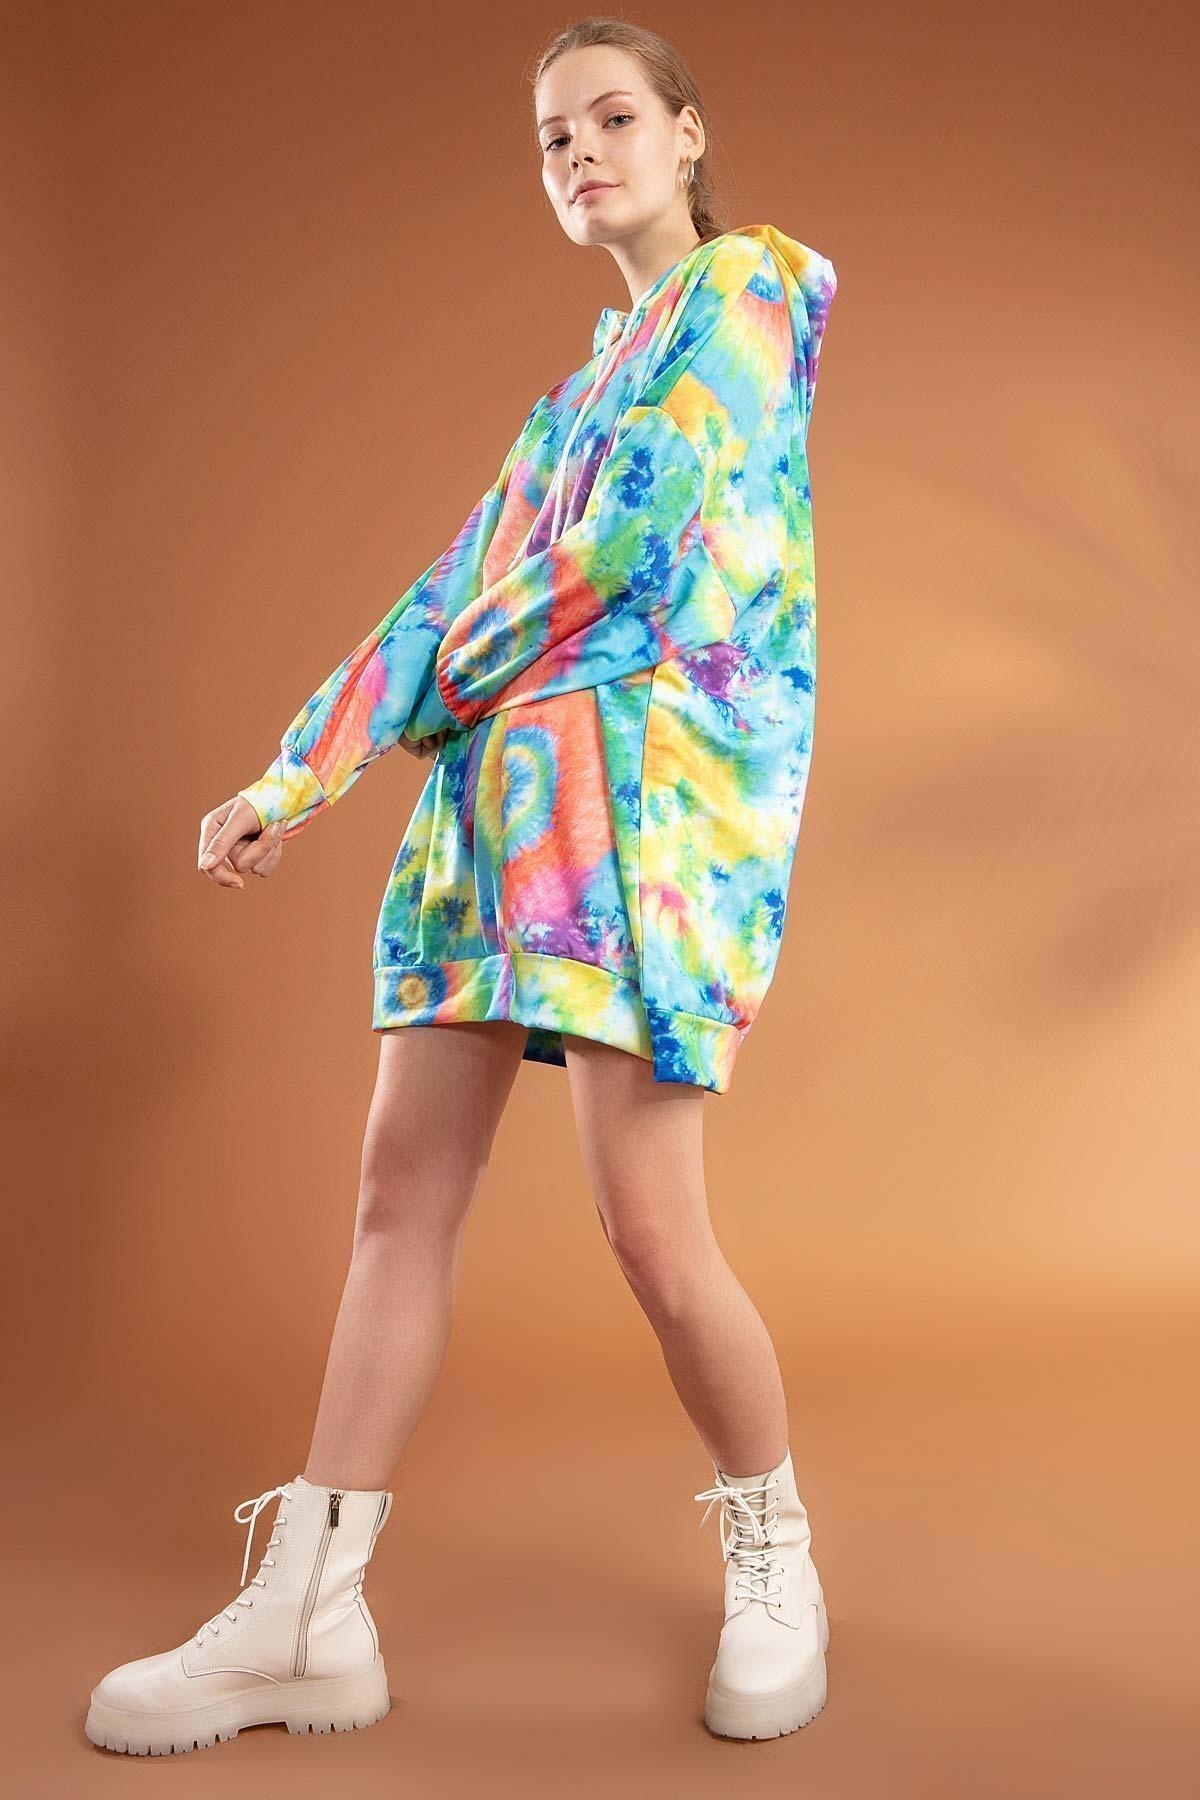 Pattaya Kadın Batik Desenli Kapşonlu Oversize Elbise Sweatshirt Y20w110-4125-9 1